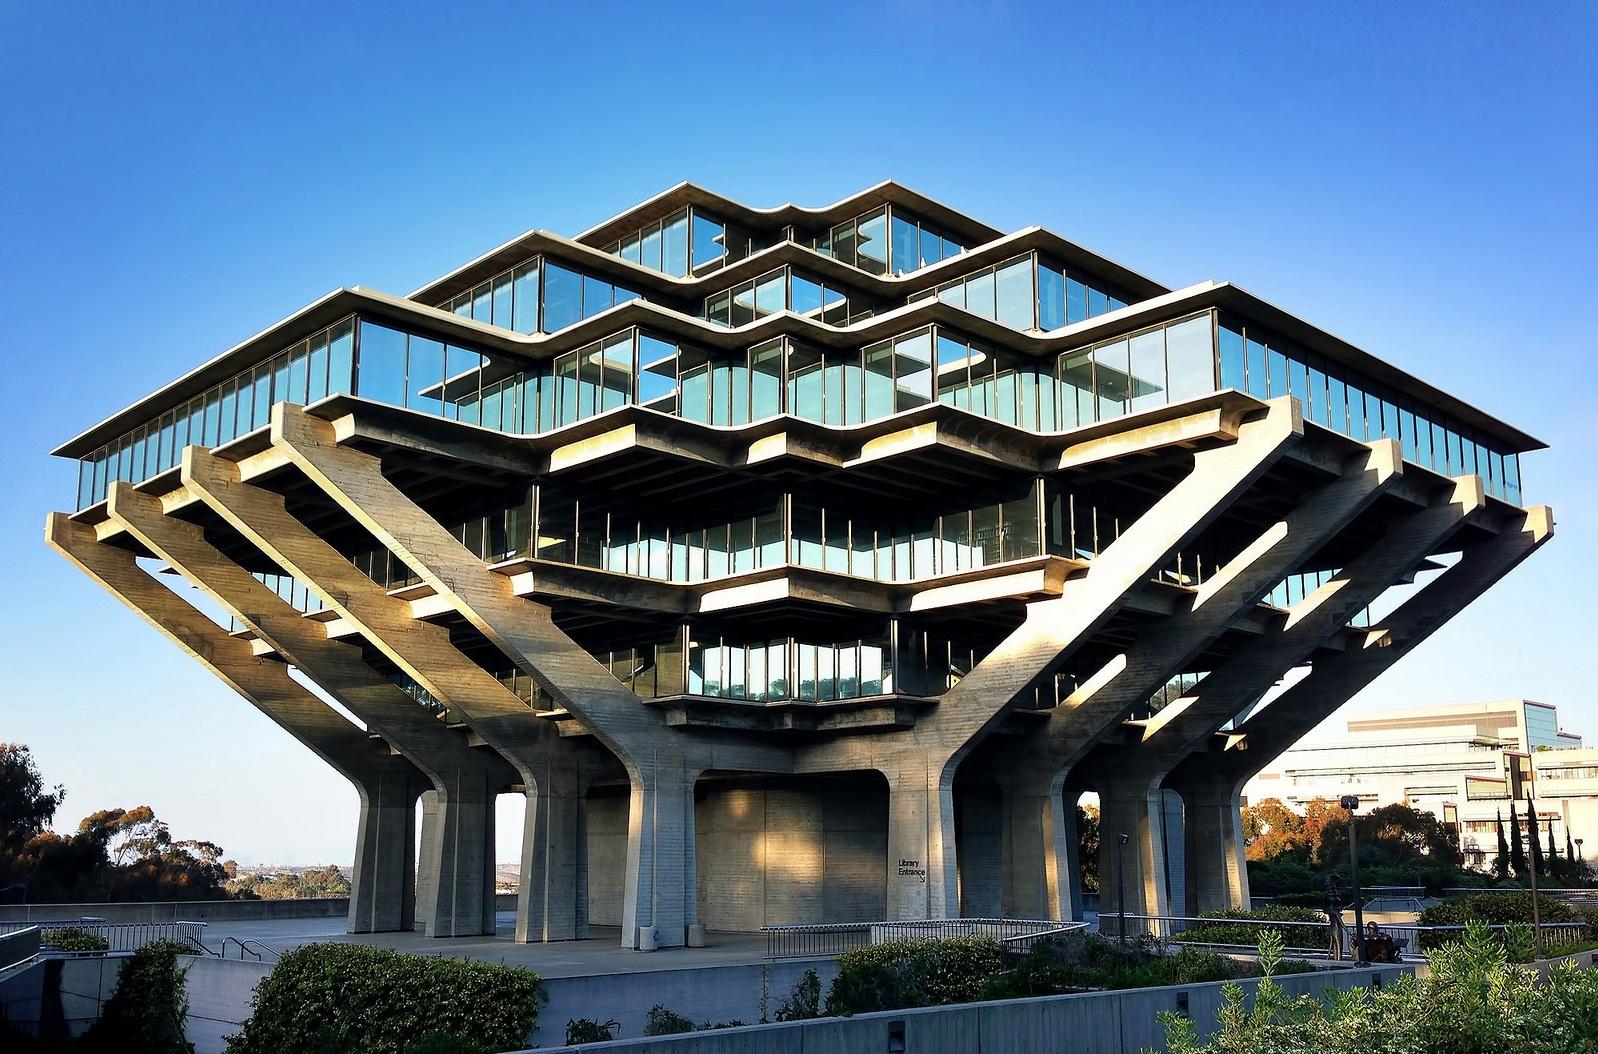 Brutalismus revival einer rohen sch nheit for Architektur brutalismus